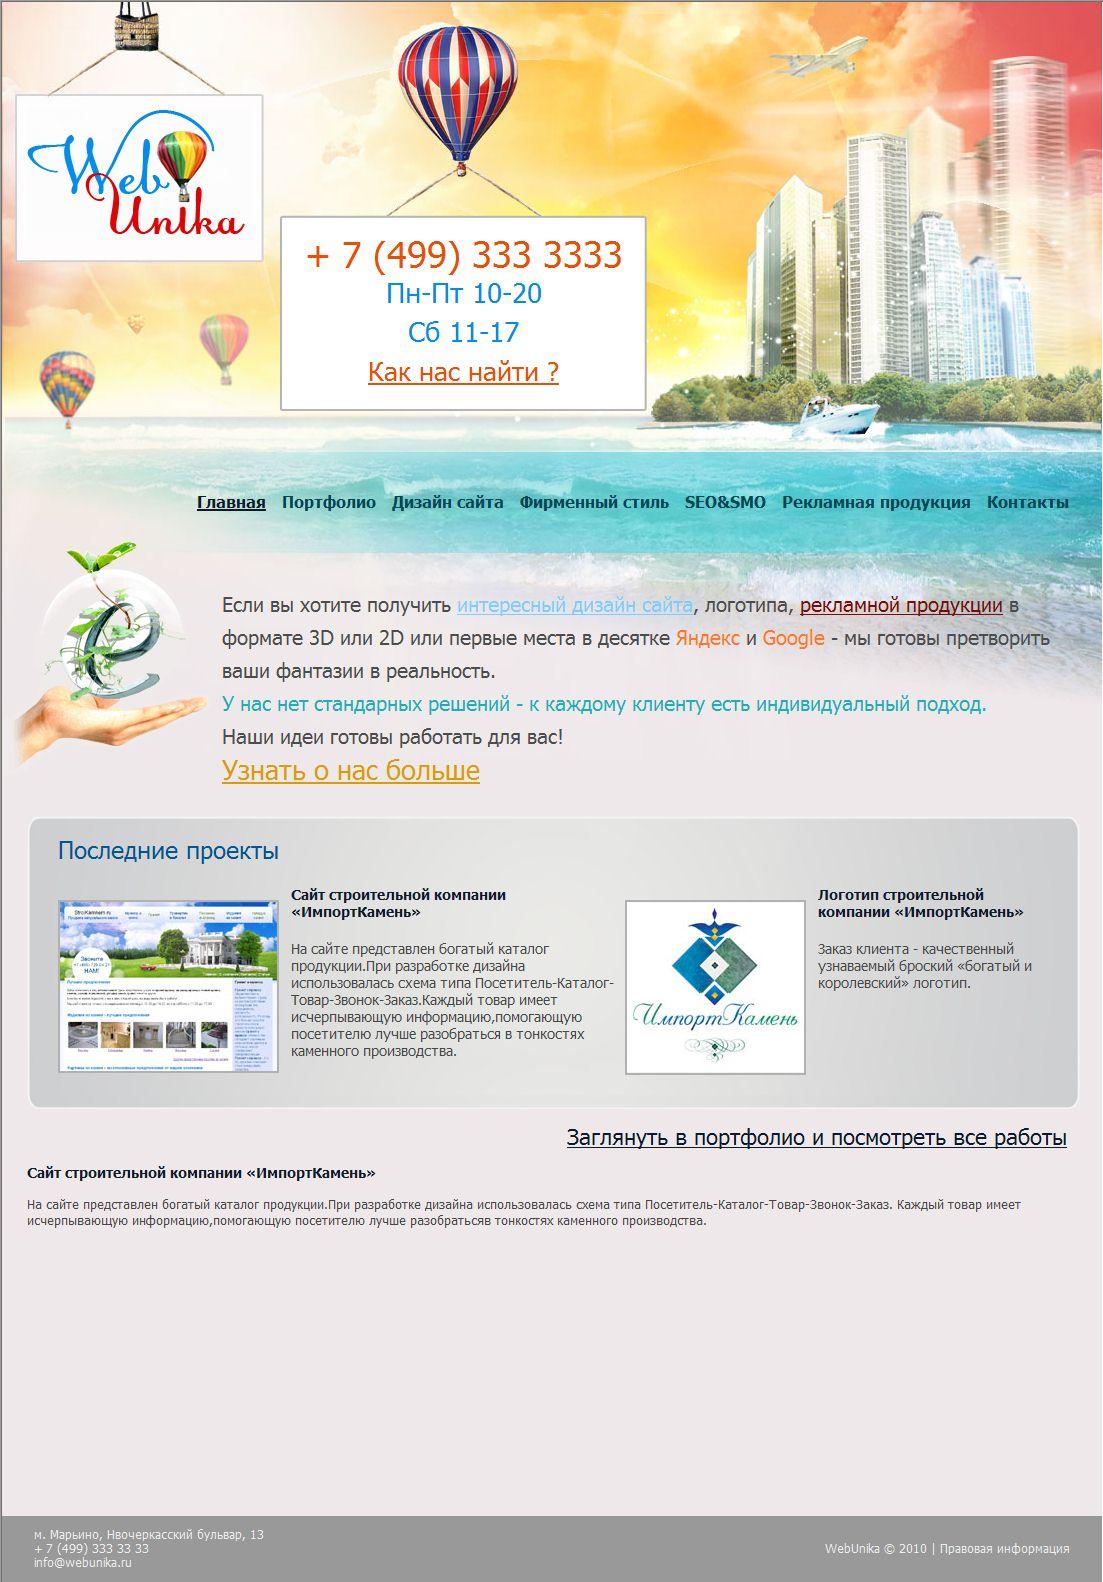 Верстка сайта дизайн-студии